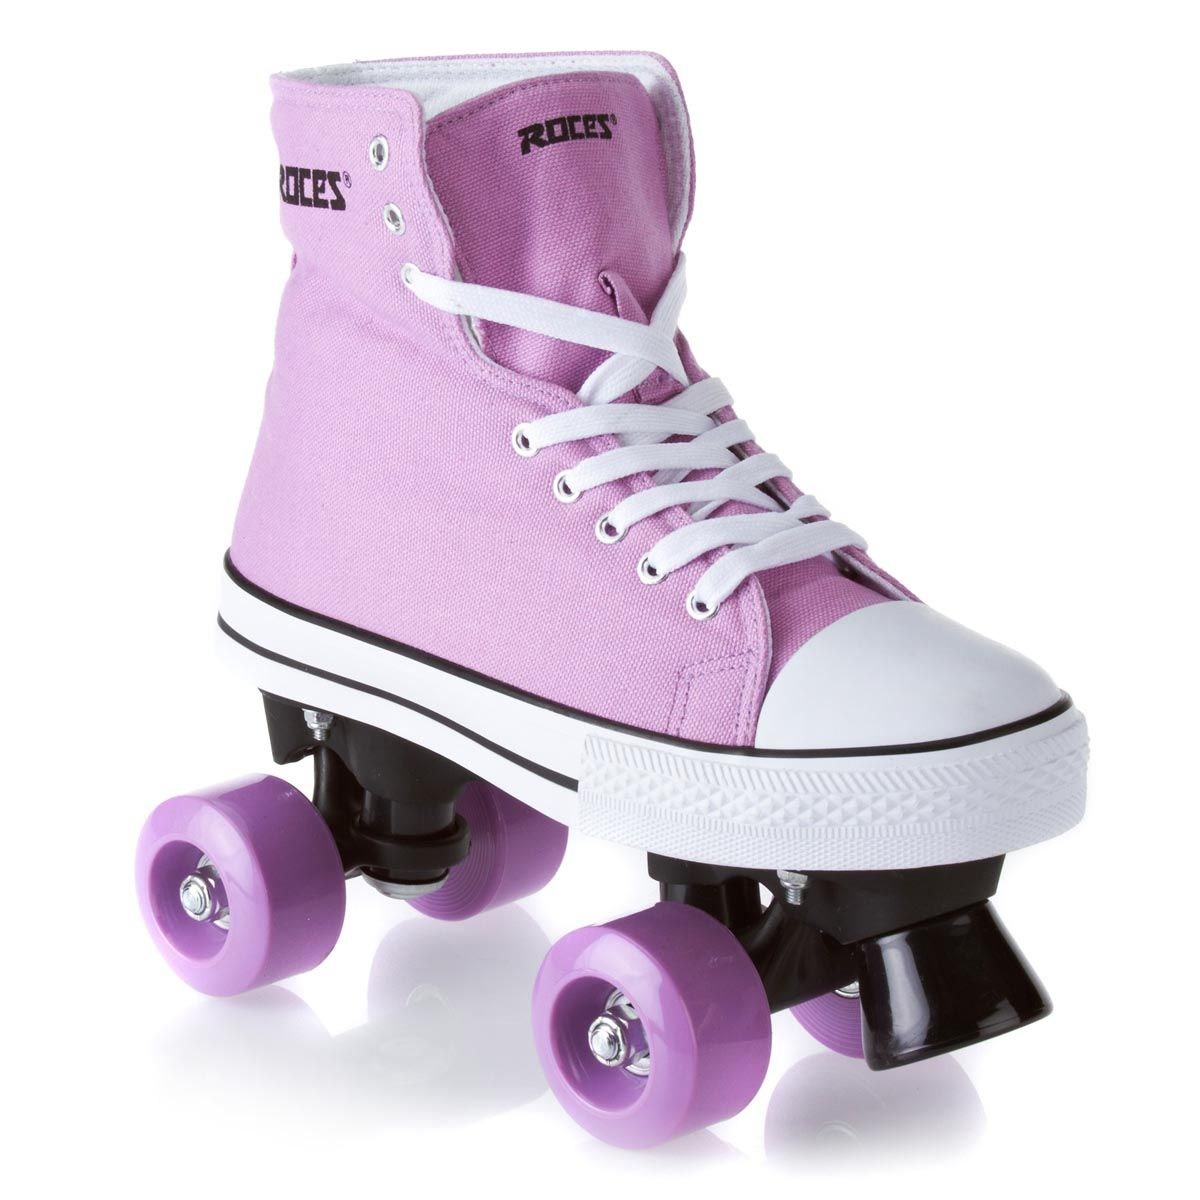 Girls roller skates, Quad roller skates